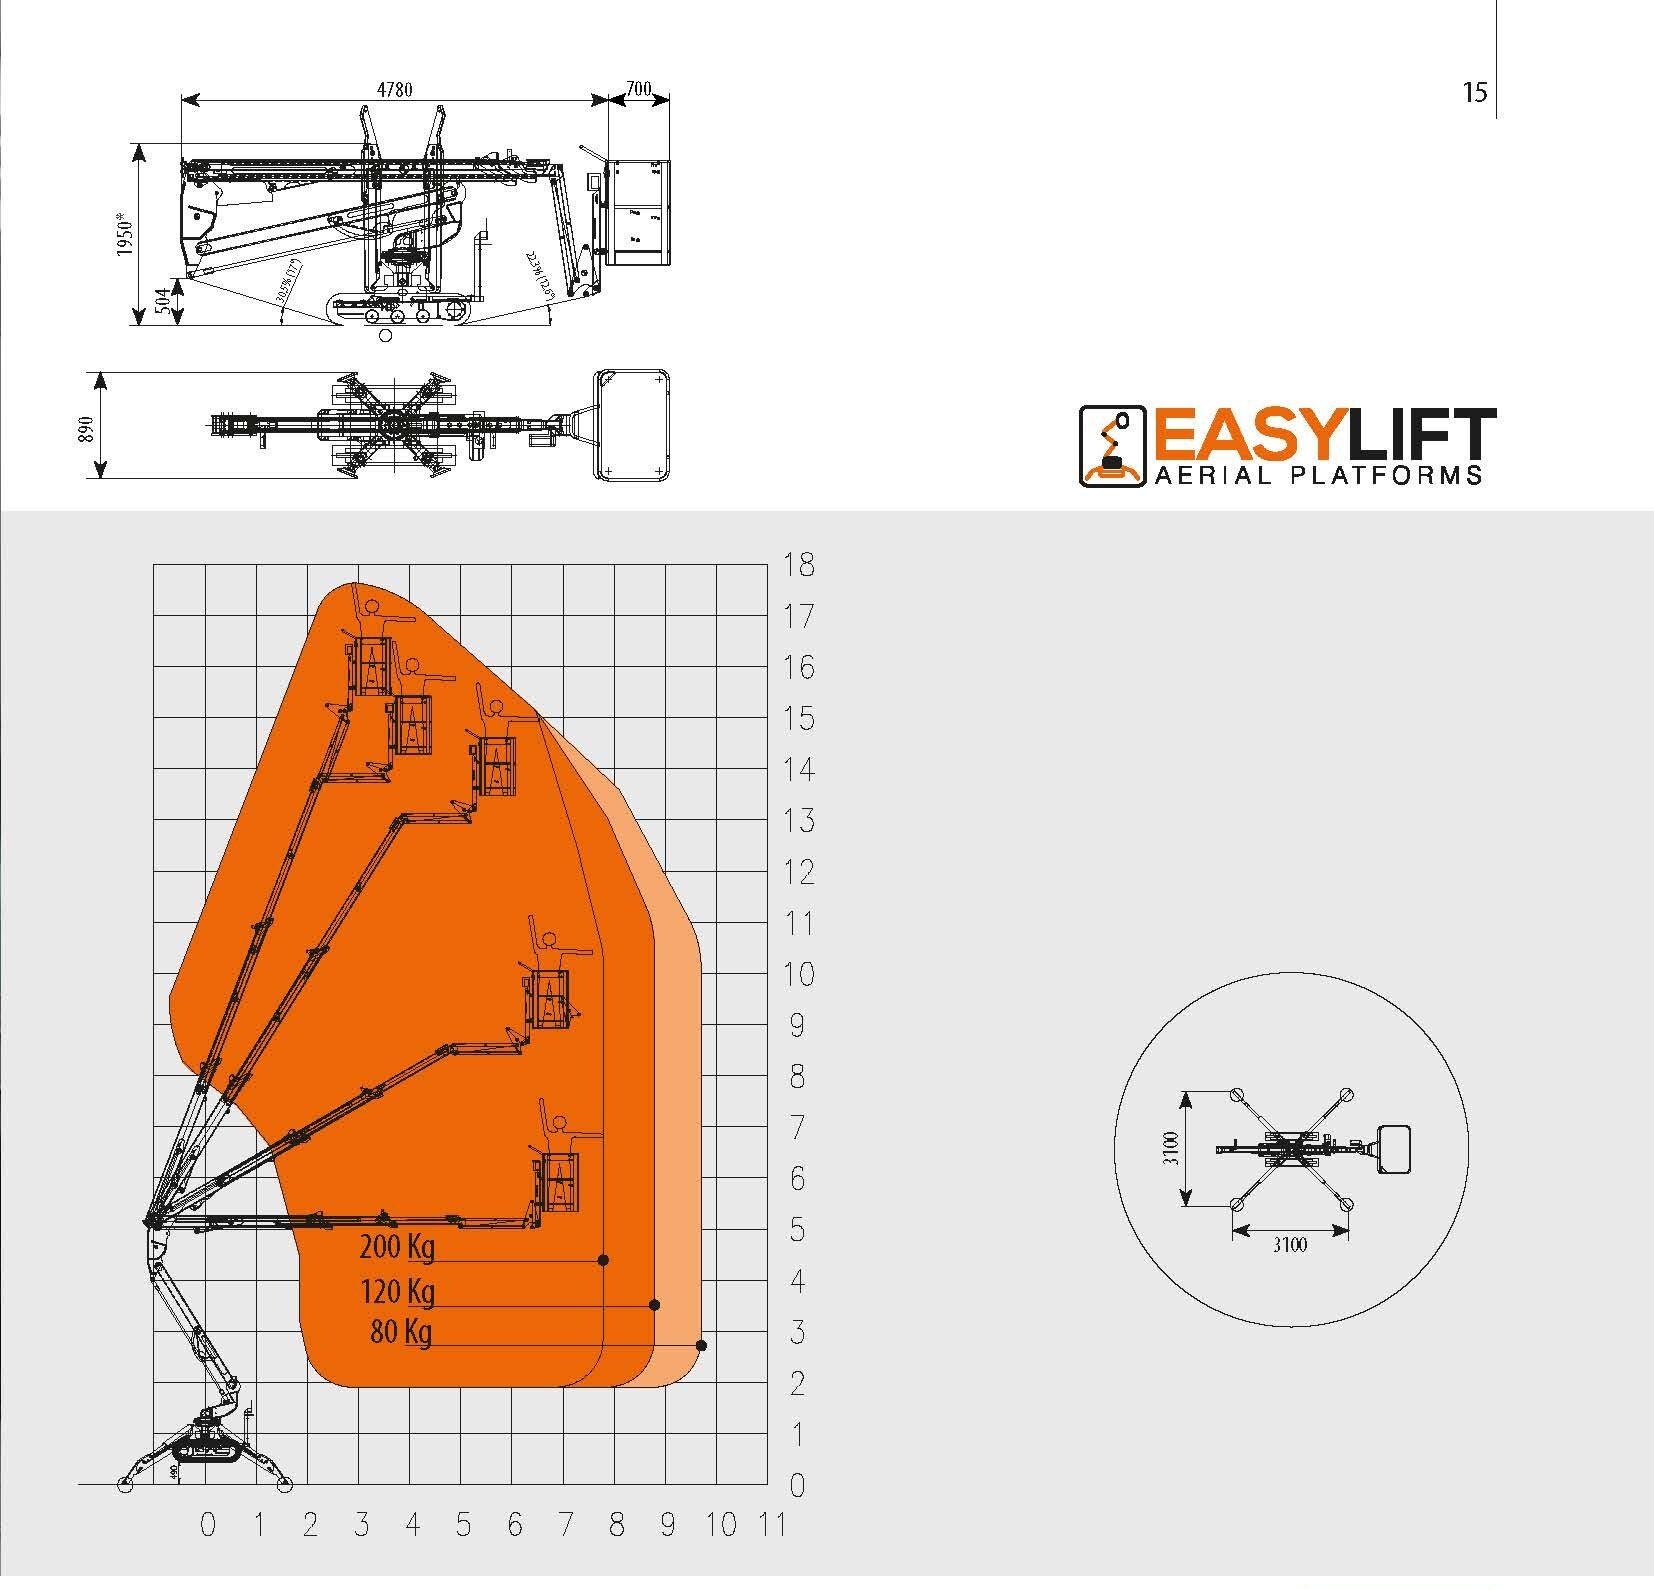 17.6m Easylift R180 hire